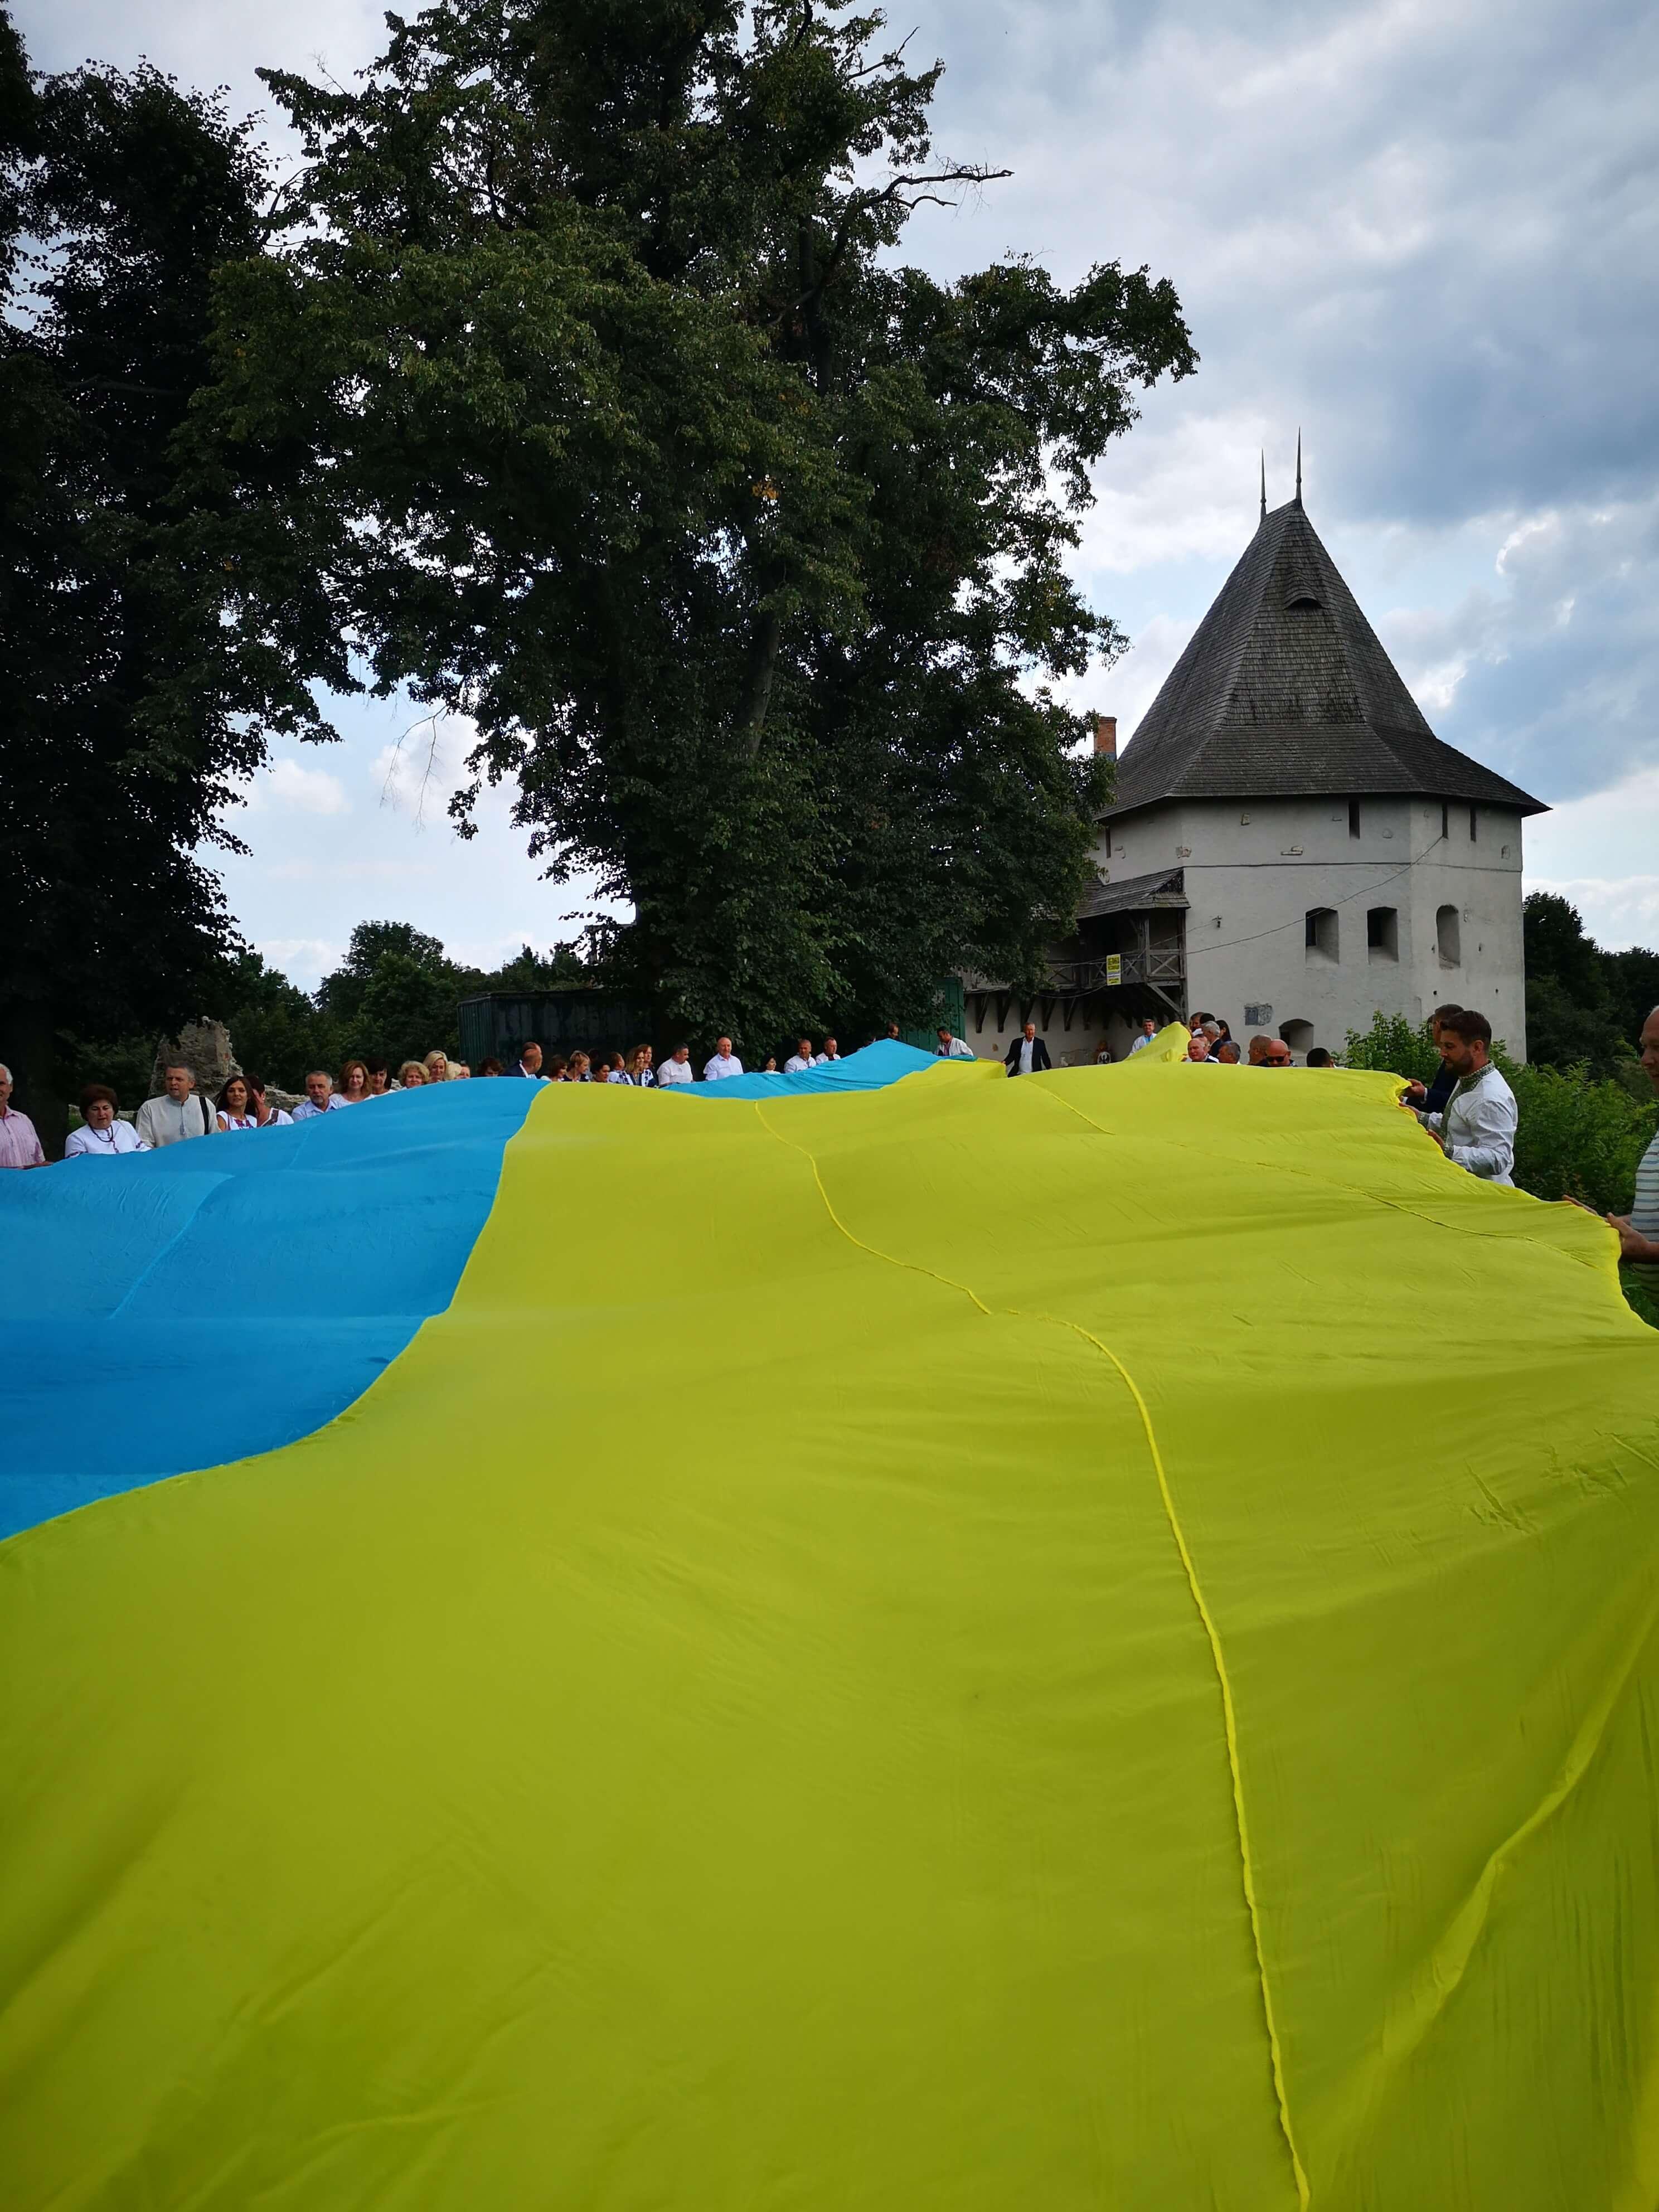 Ми сильні, бо сильними нас роблять наші вороги, - голова фракції ЄС у Івано-Франківській районній раді